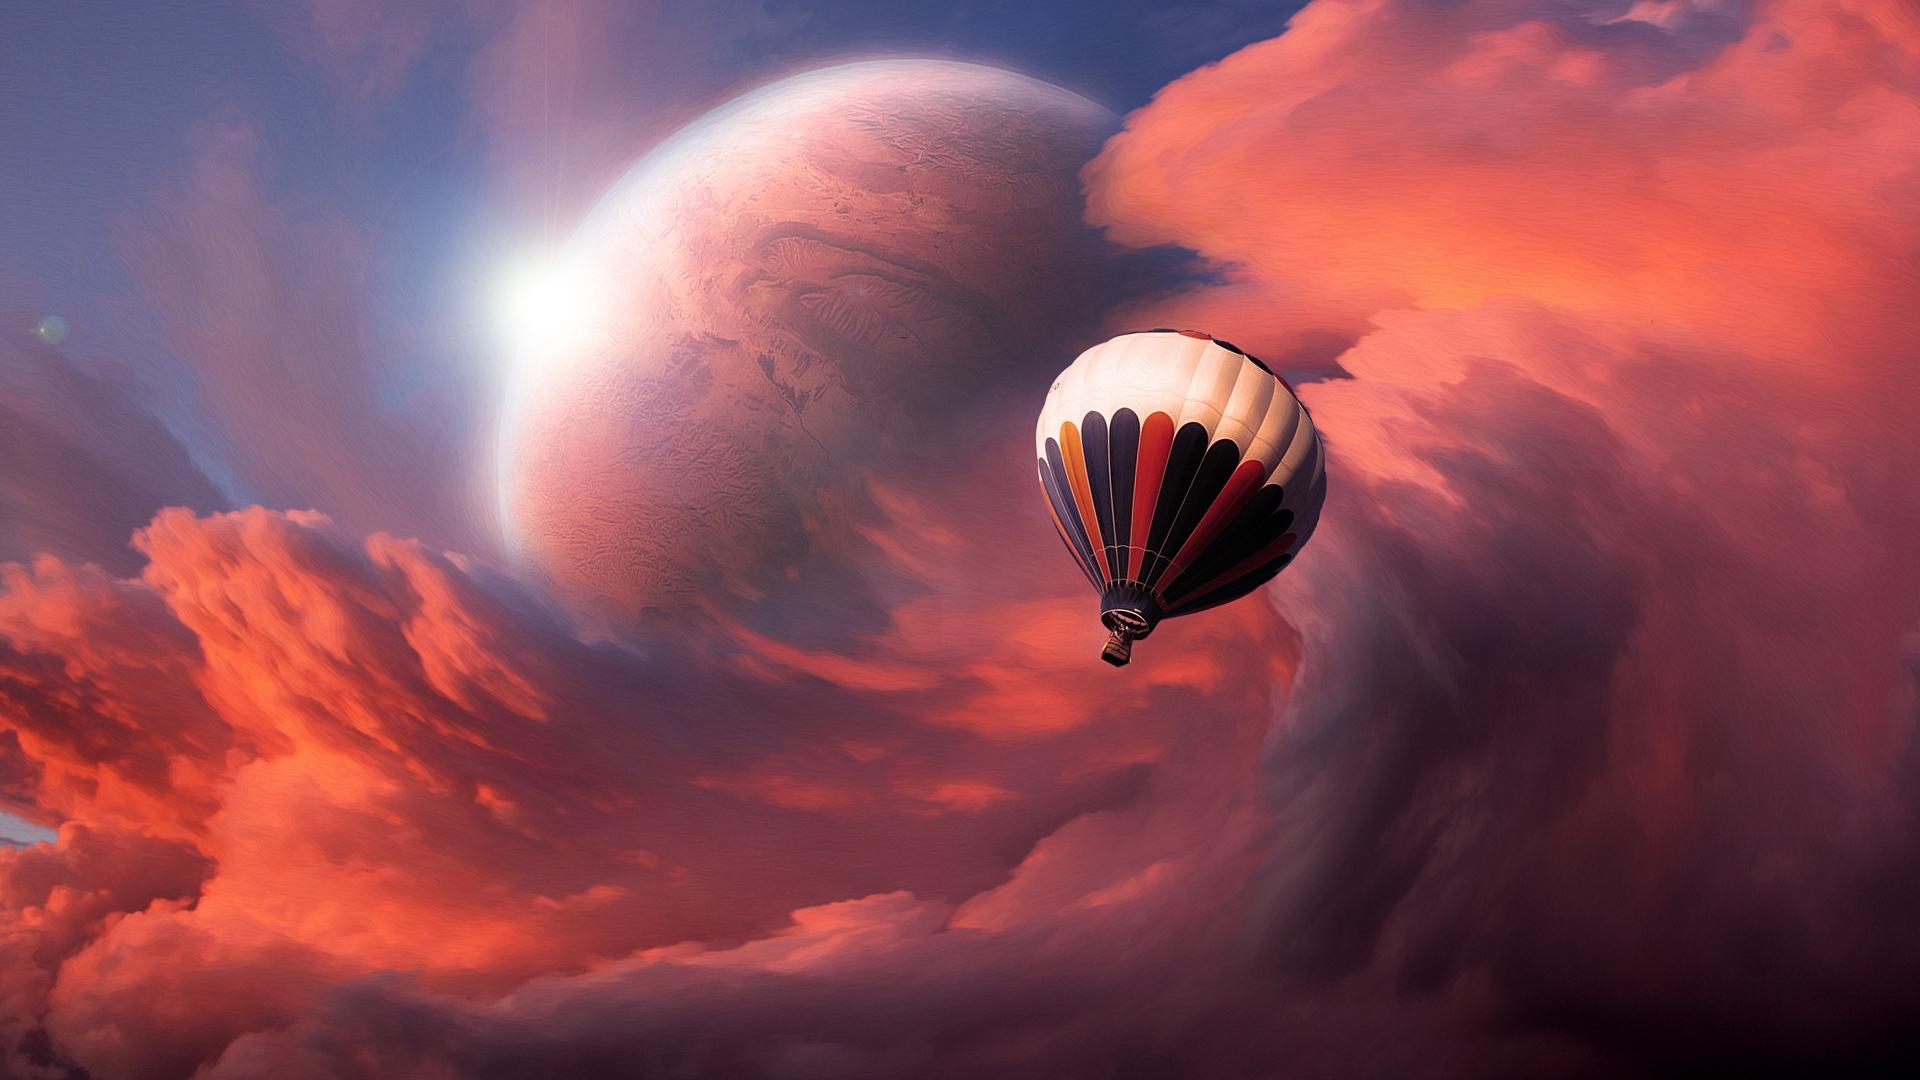 Flight balloon sky